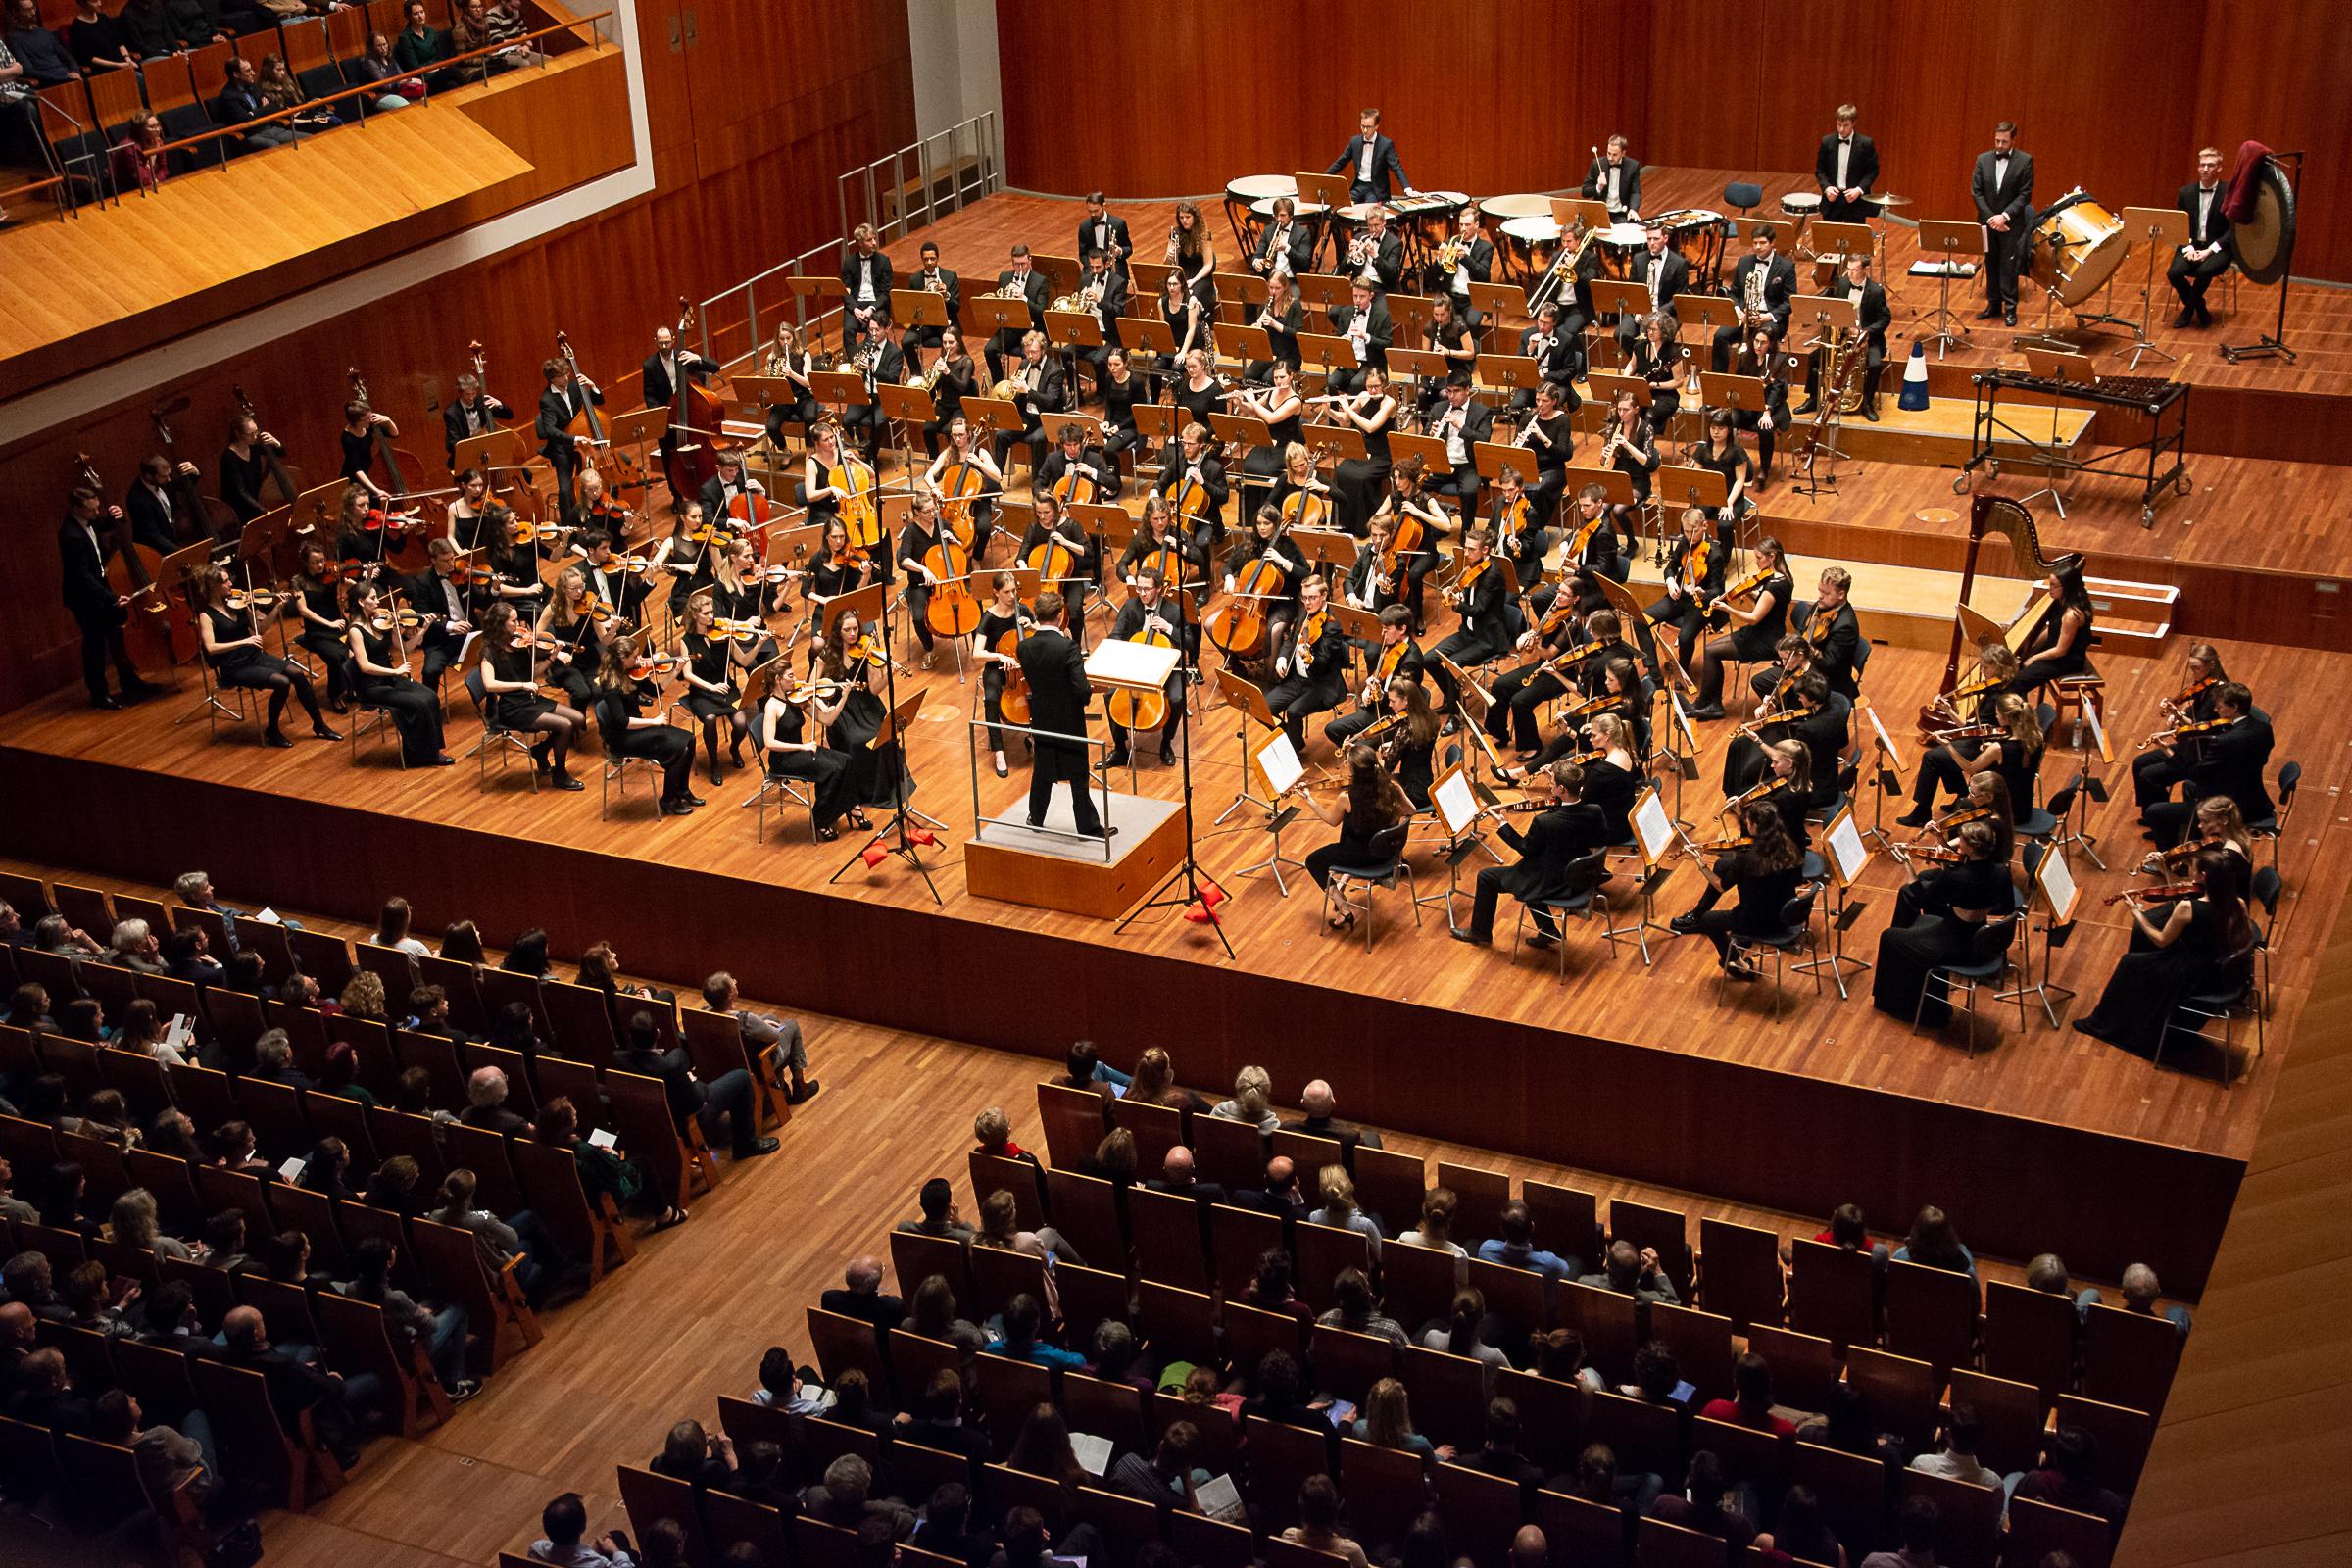 KHG Konzerthaus WS 2019/20